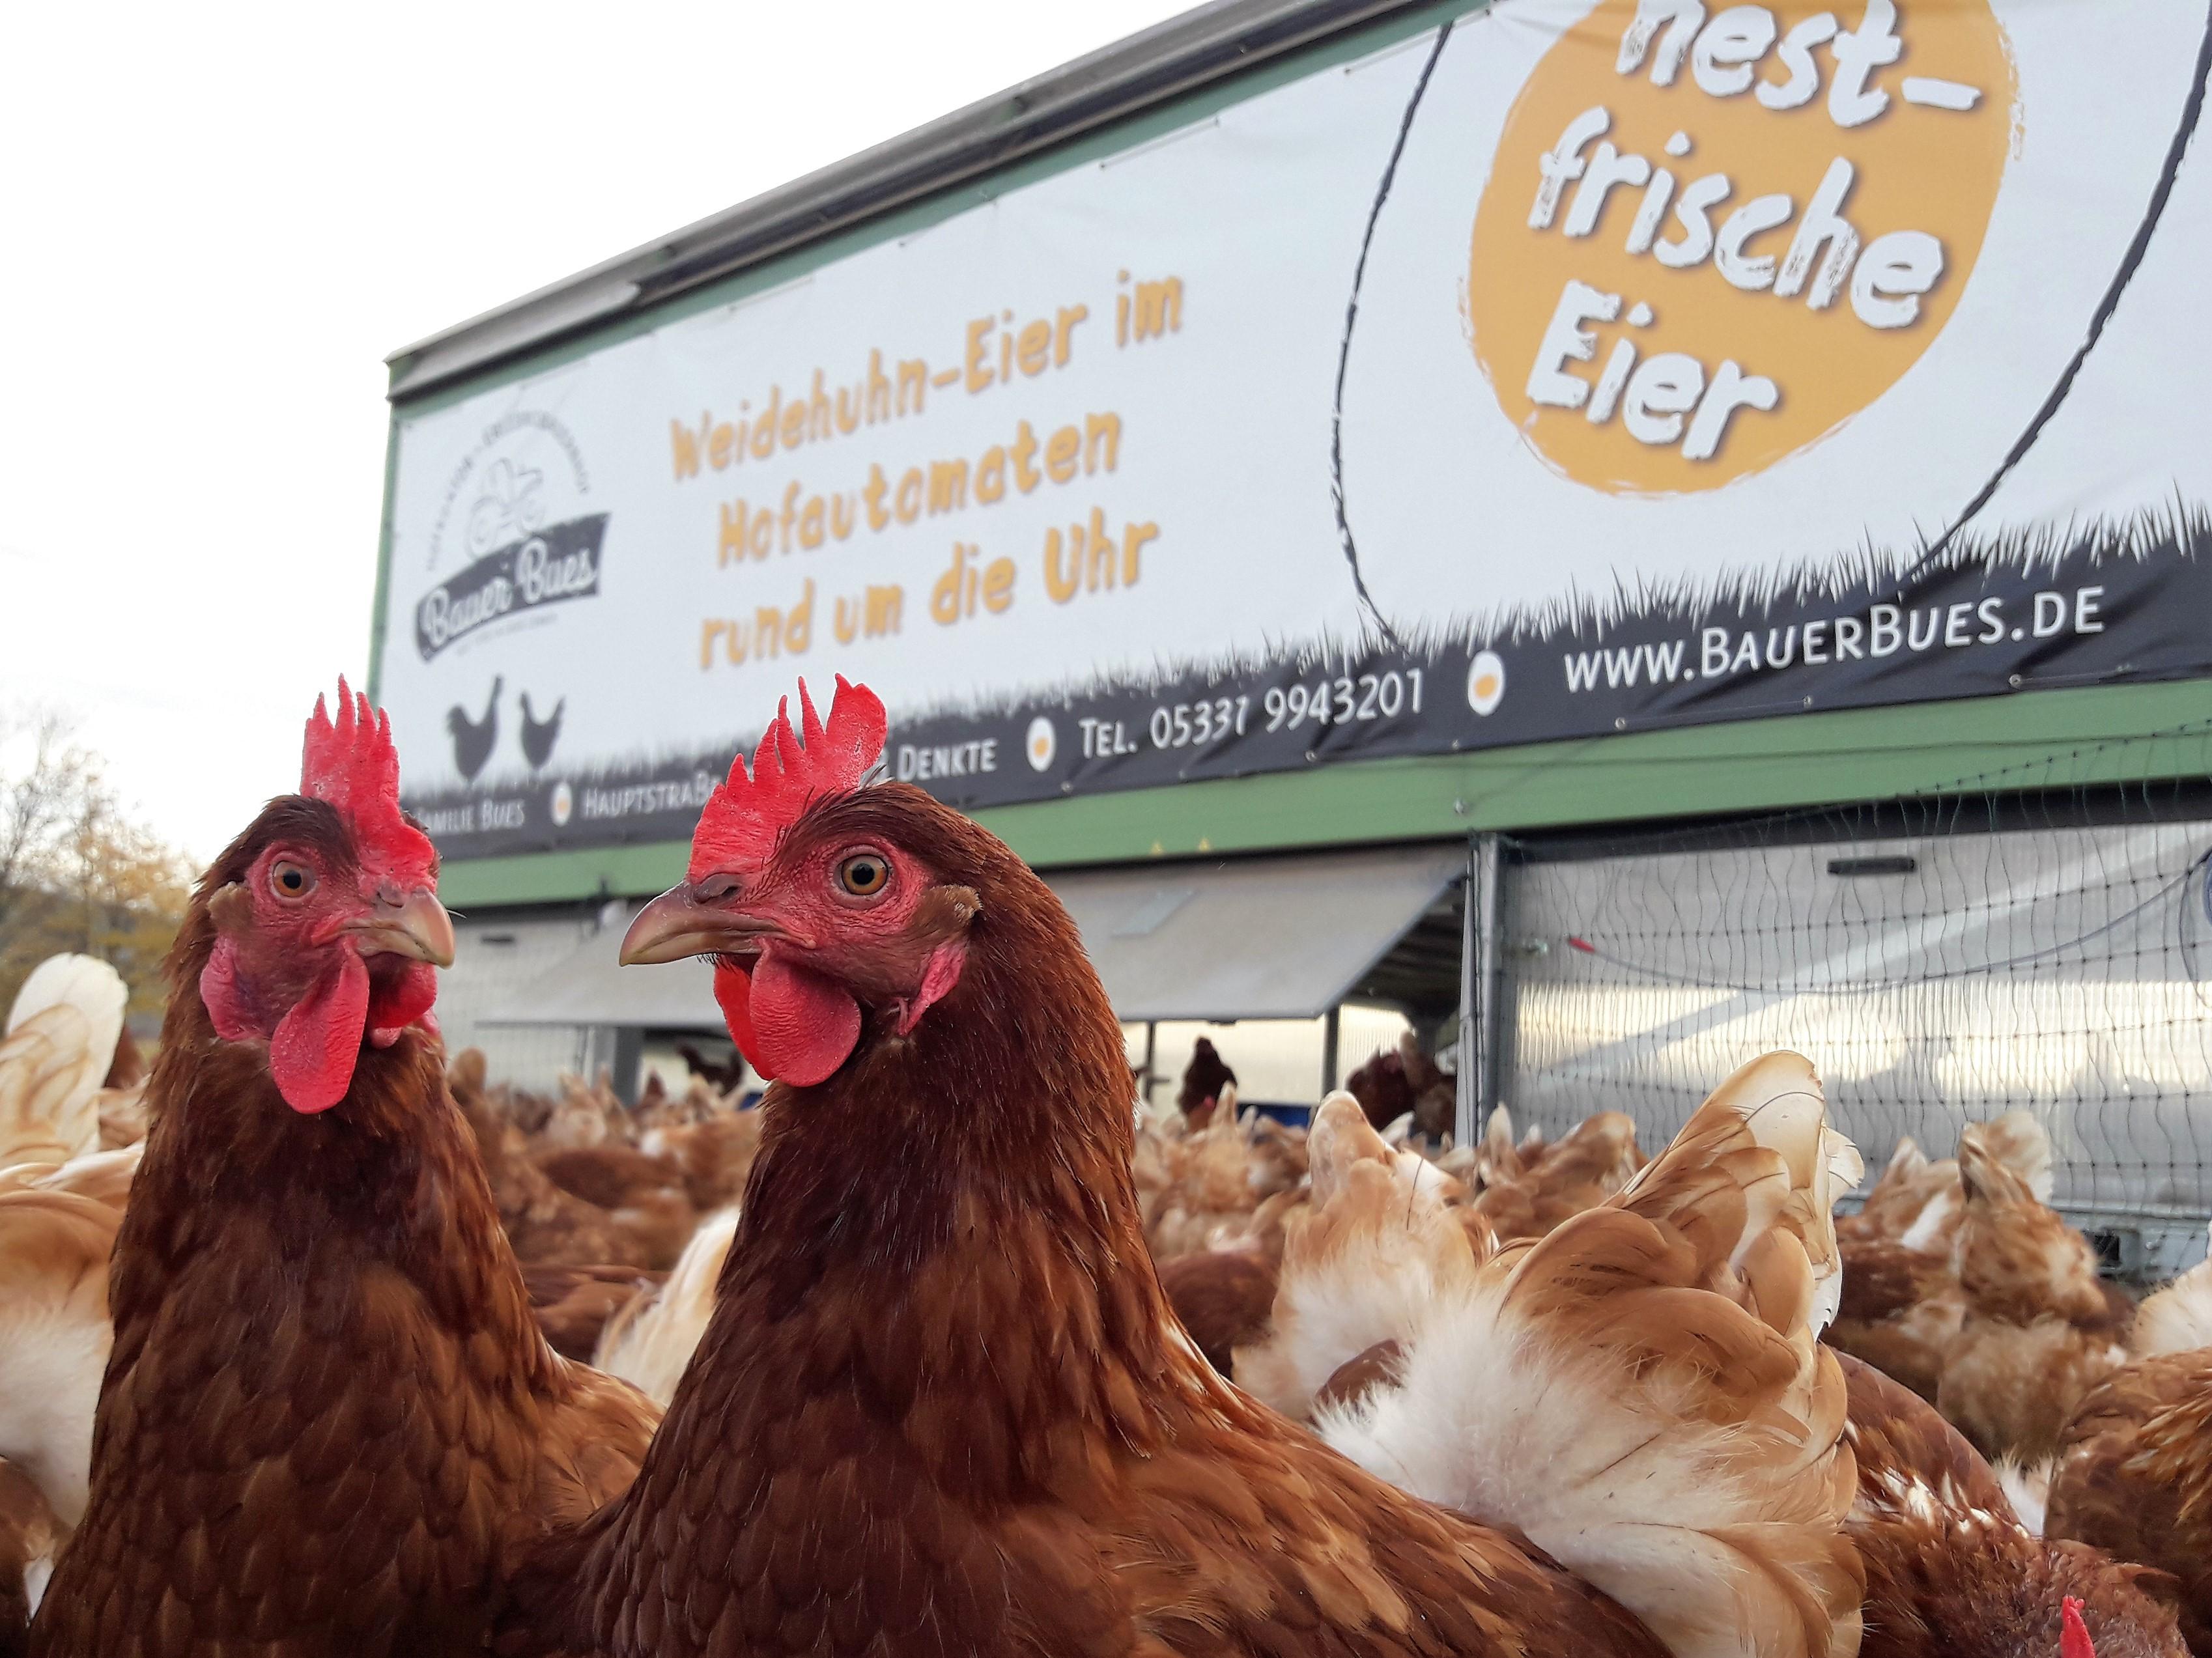 Bauer Bues nestfrische Freiland-Eier